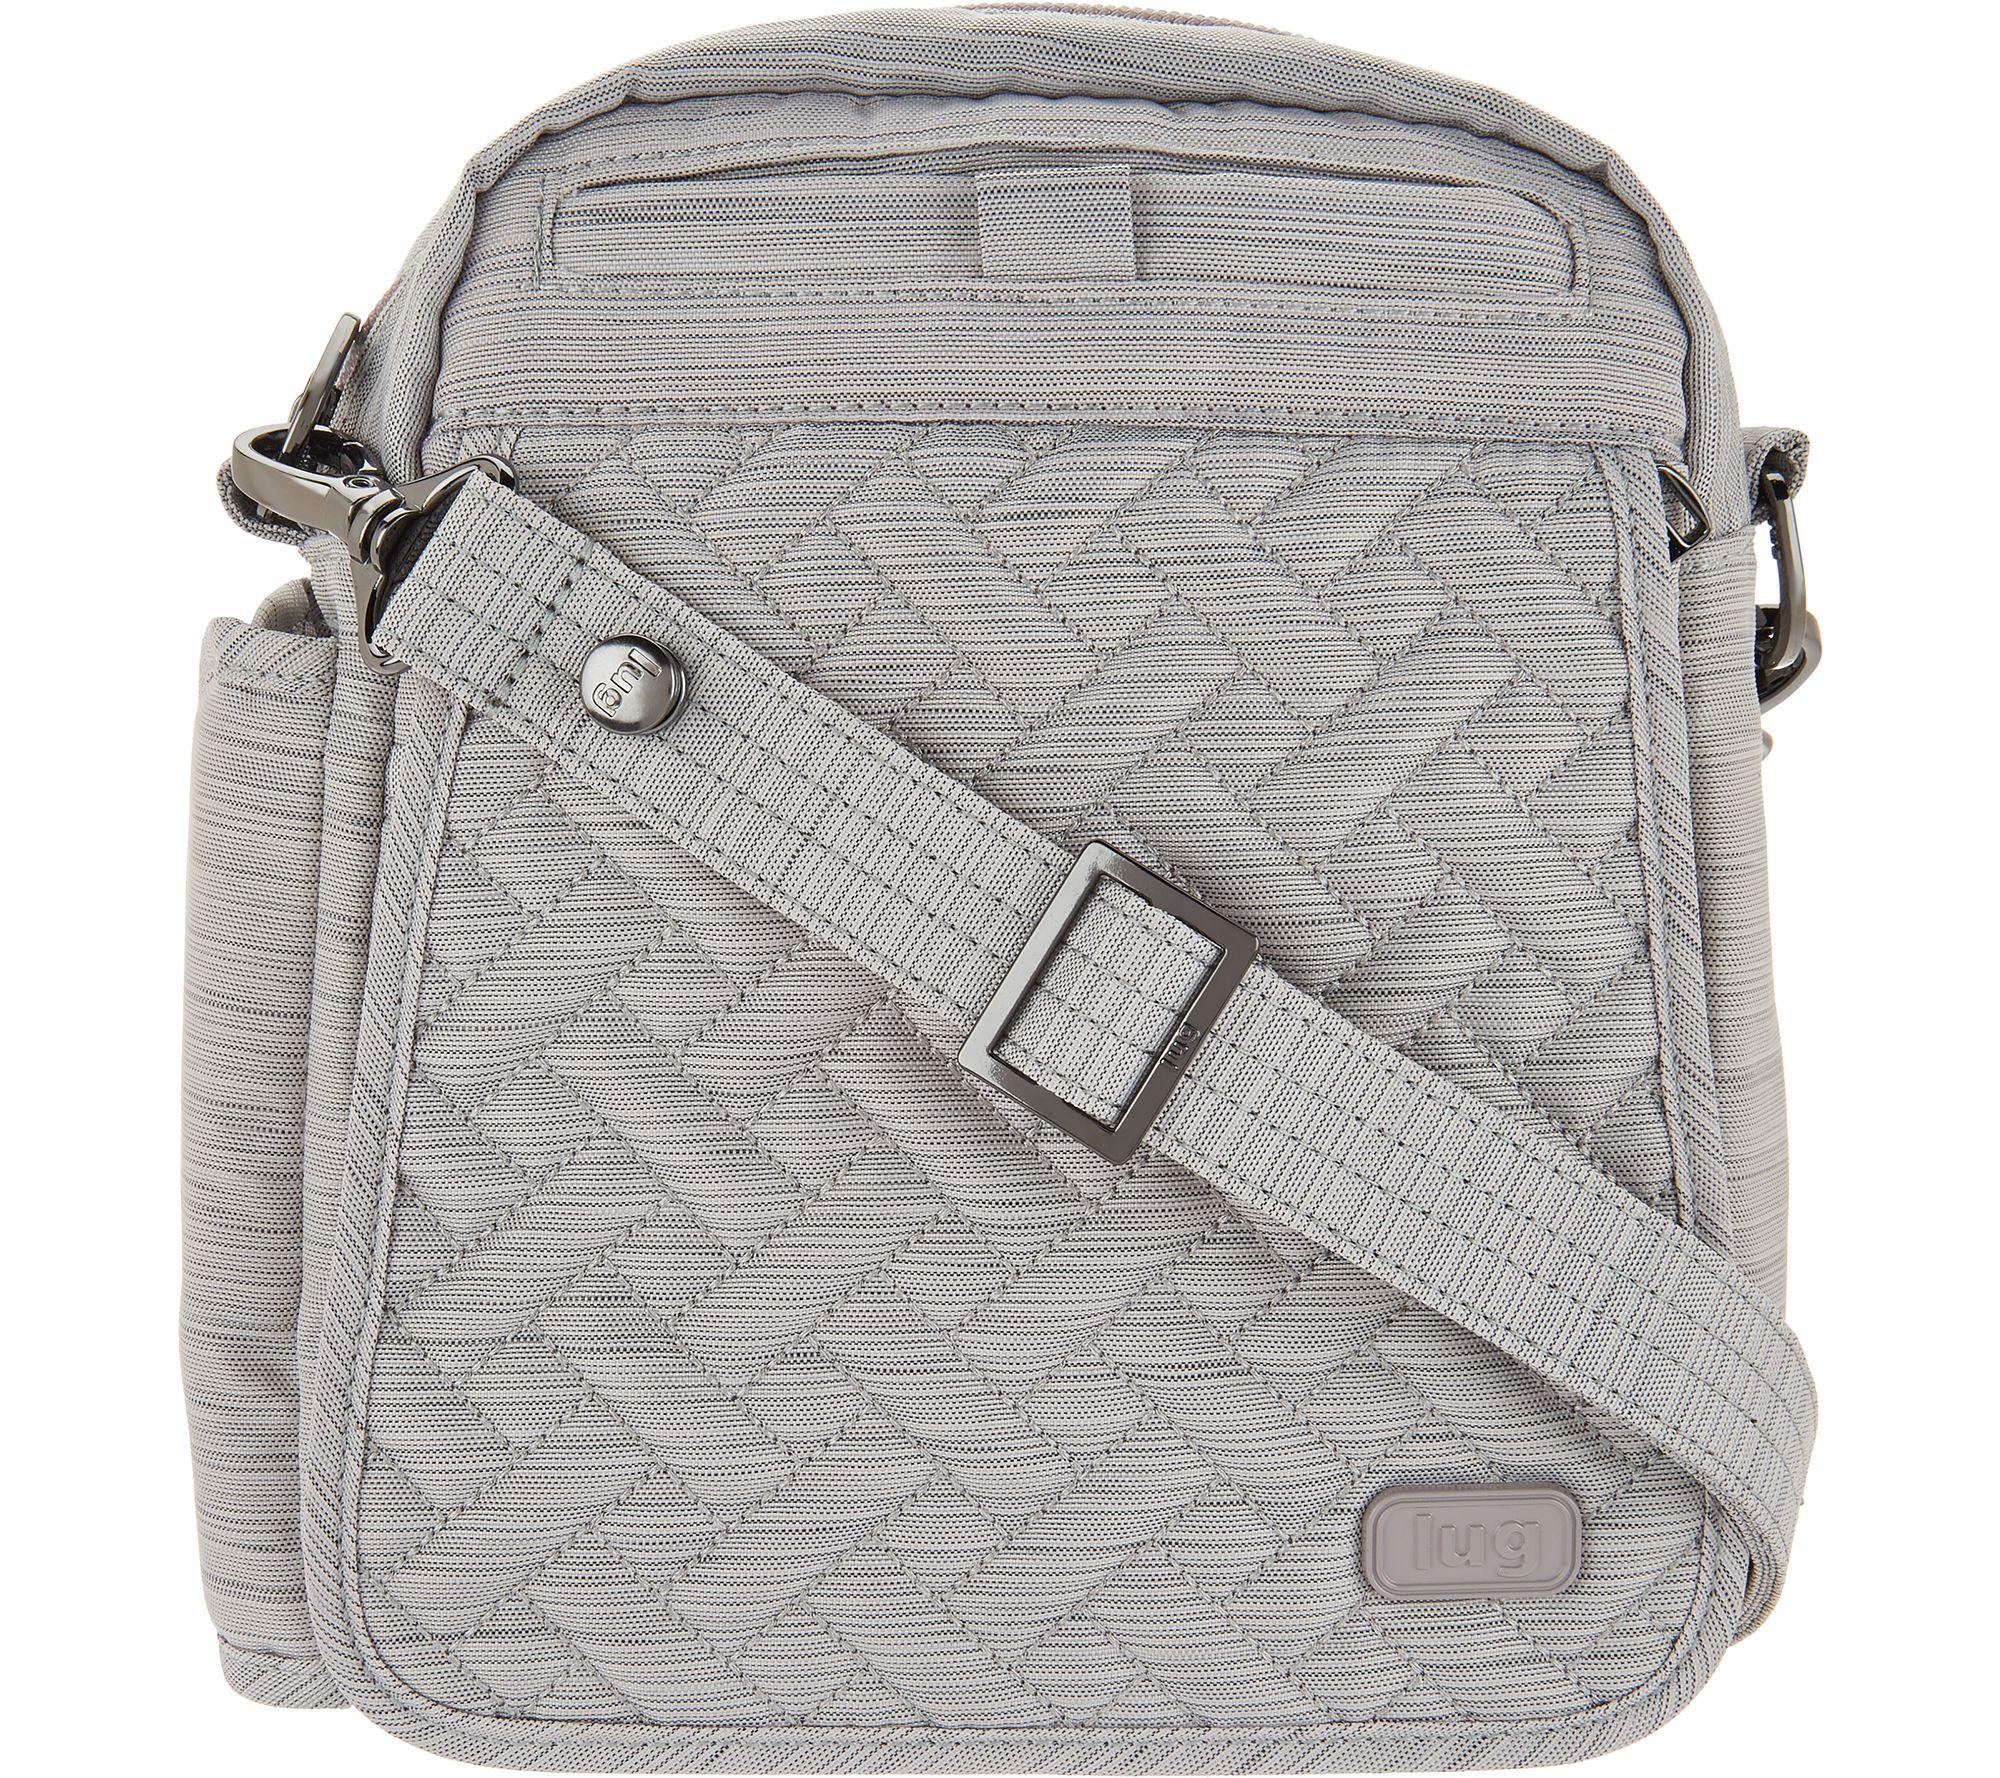 ad4809afae9 Lug RFID Convertible Crossbody Bag w  Bonus Strap - Flapper - Page 1 —  QVC.com